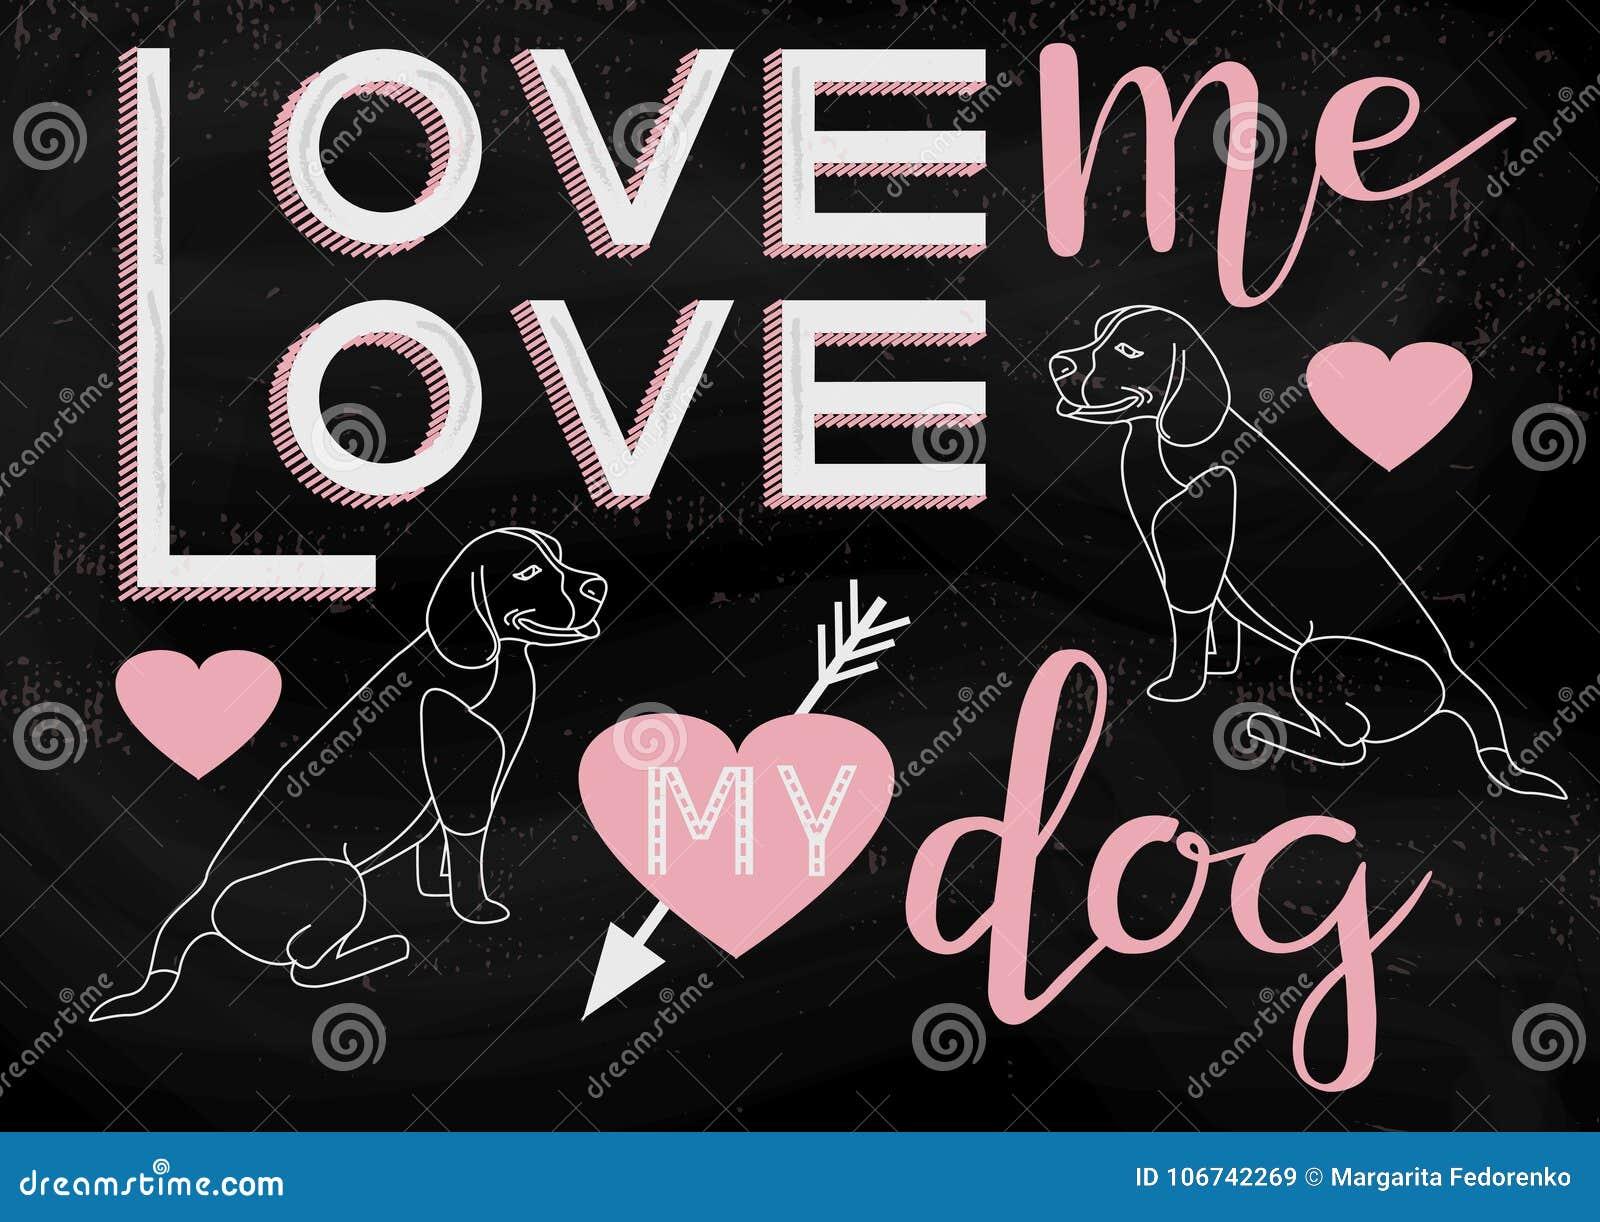 Houd van me liefde mijn hond